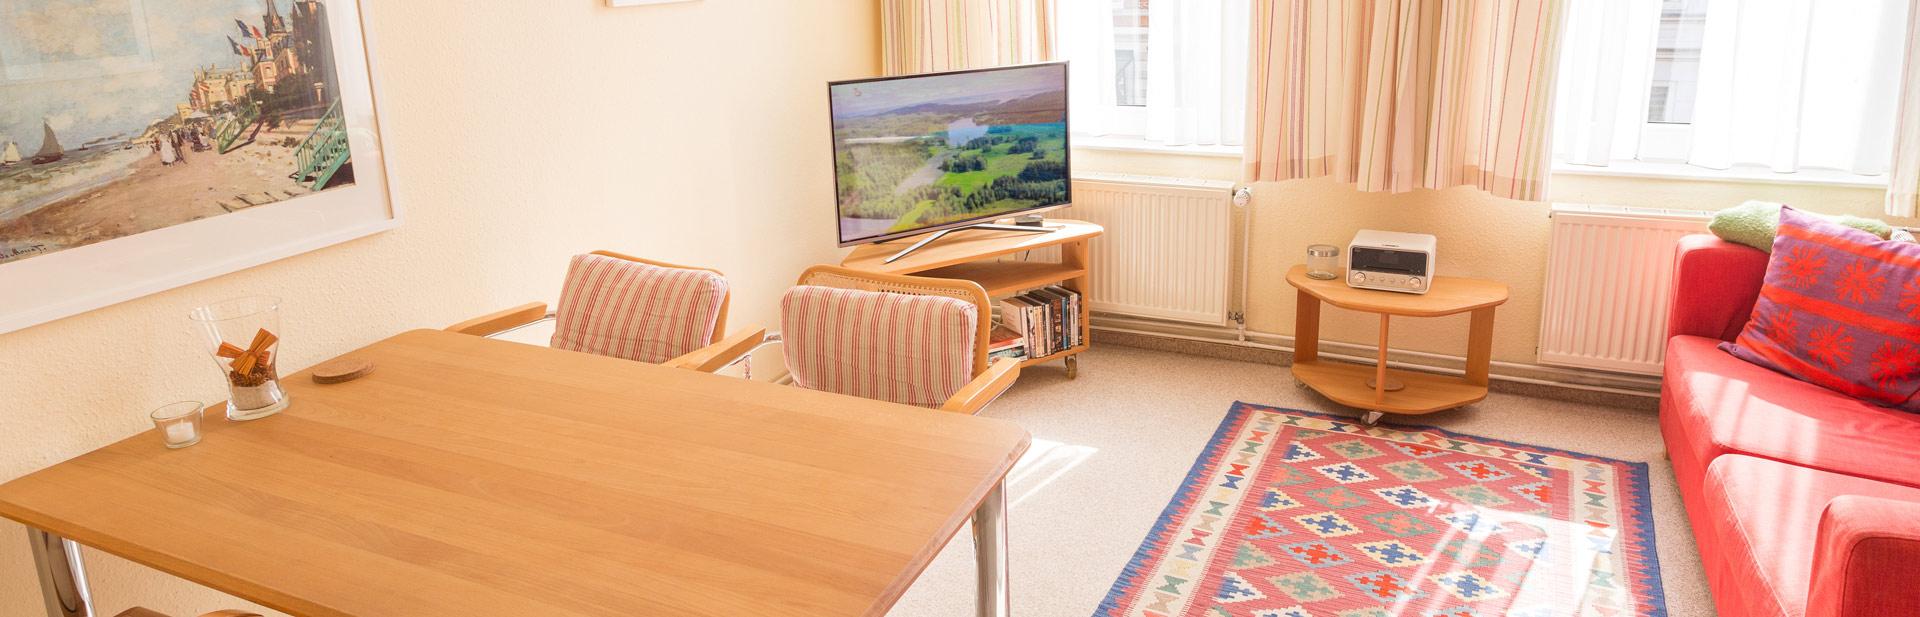 Whg 2 2 5 zimmer ferienwohnung a obergeschoss 1 etage for 3 zimmer wohnungen lubeck